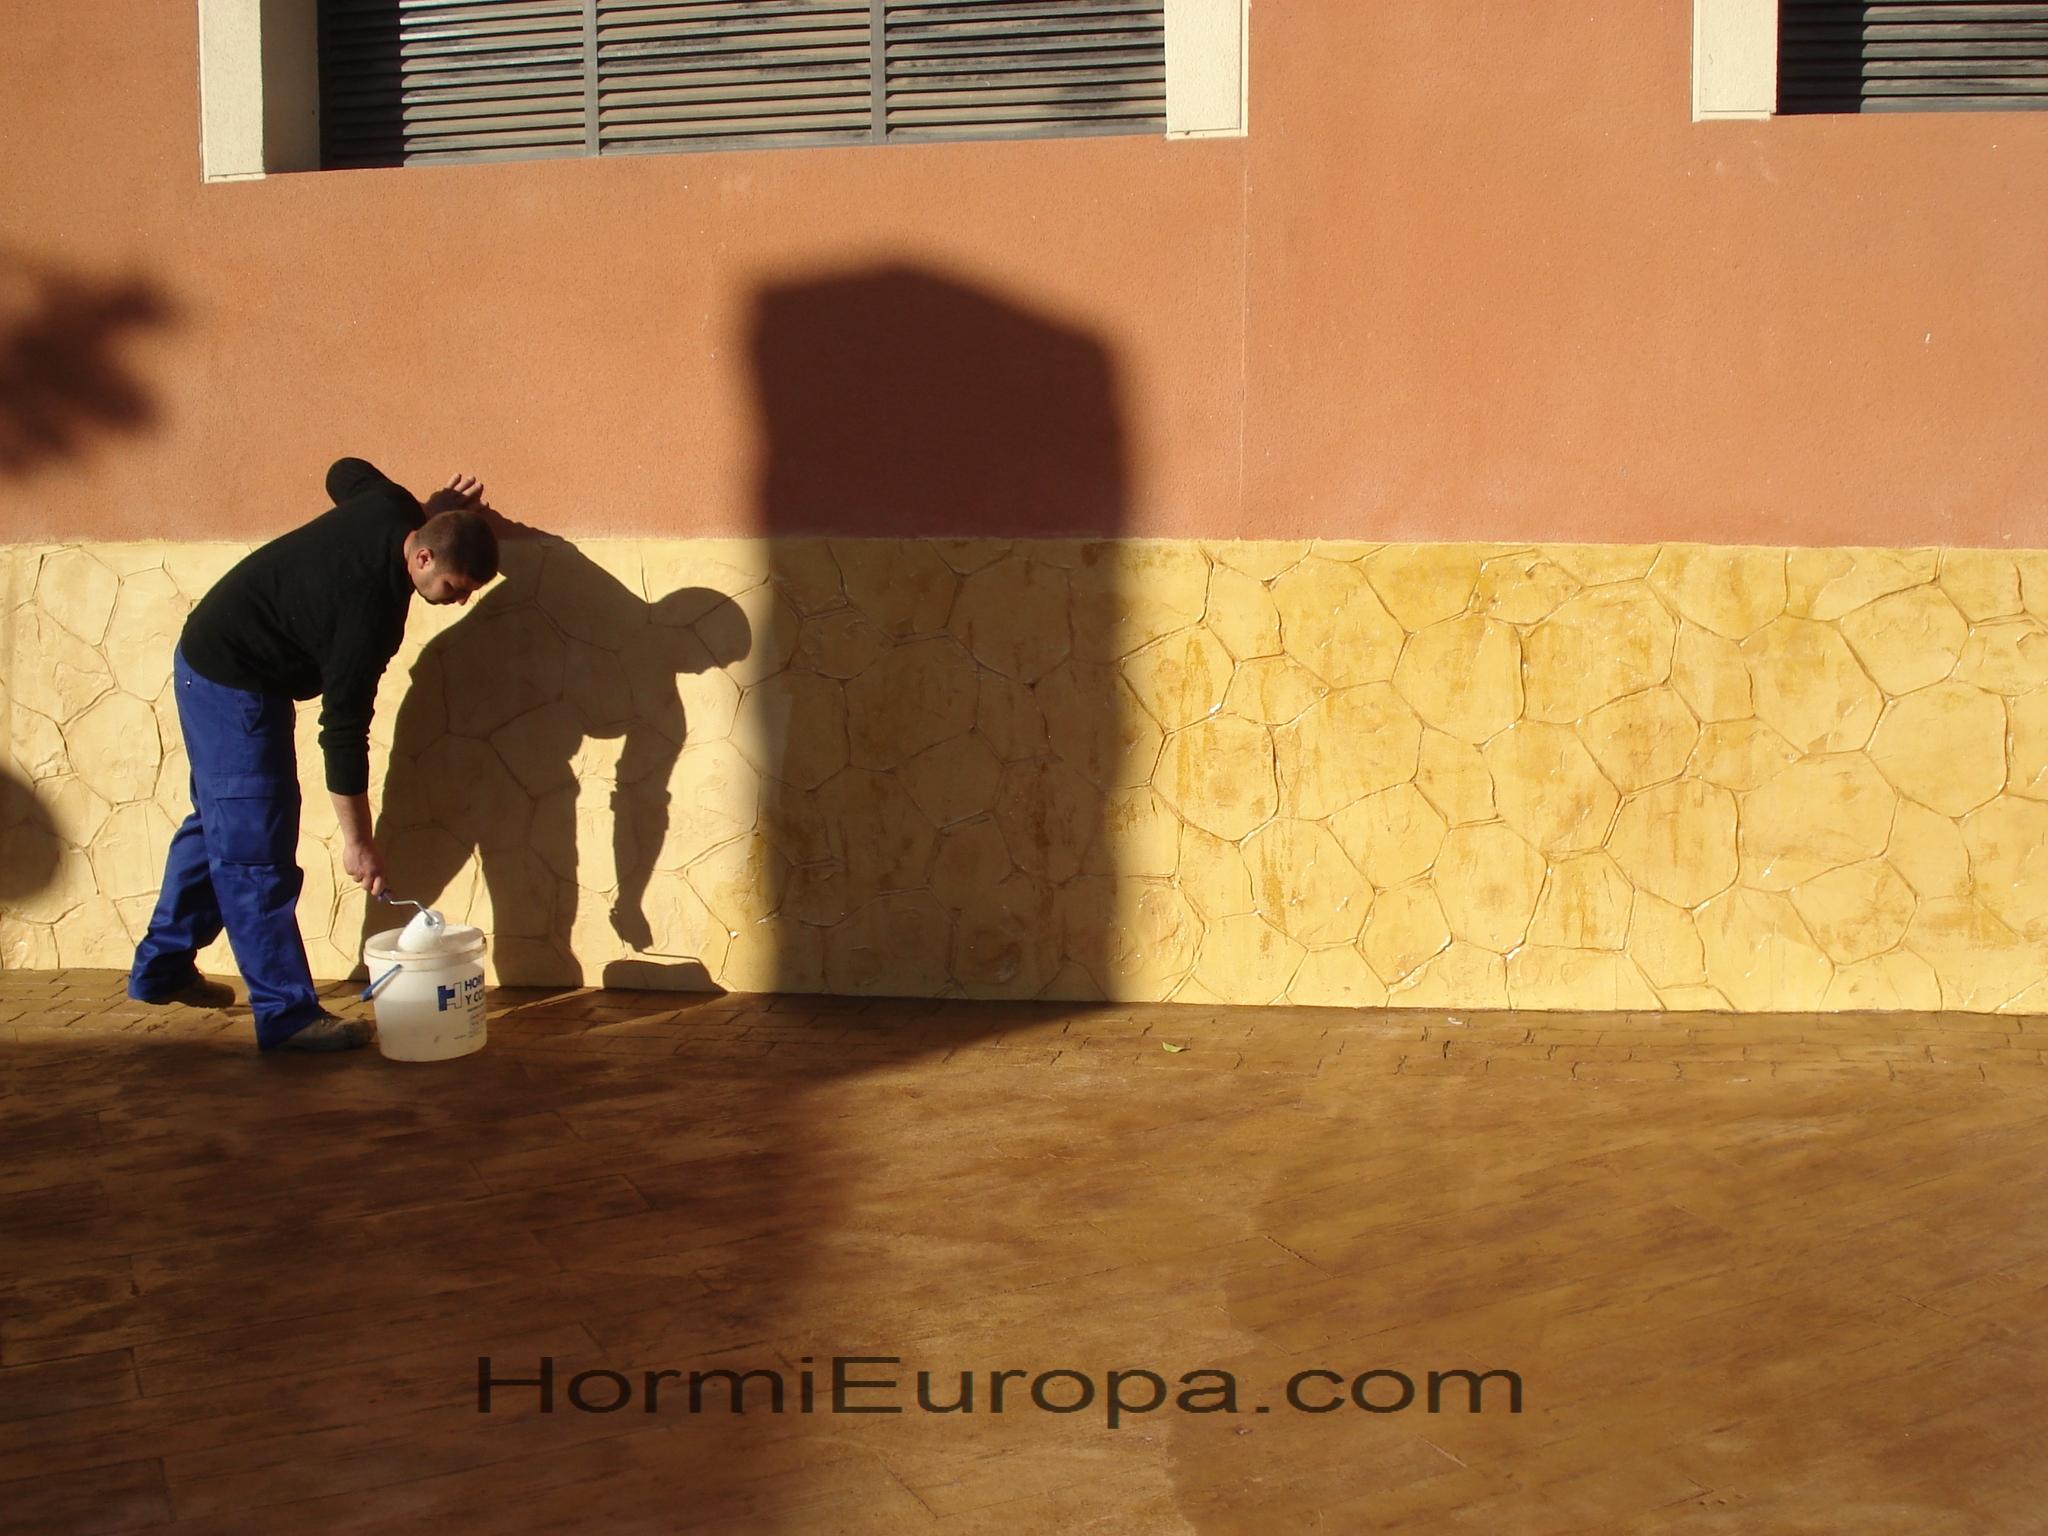 hormigon impreso proyectos hormieuropa